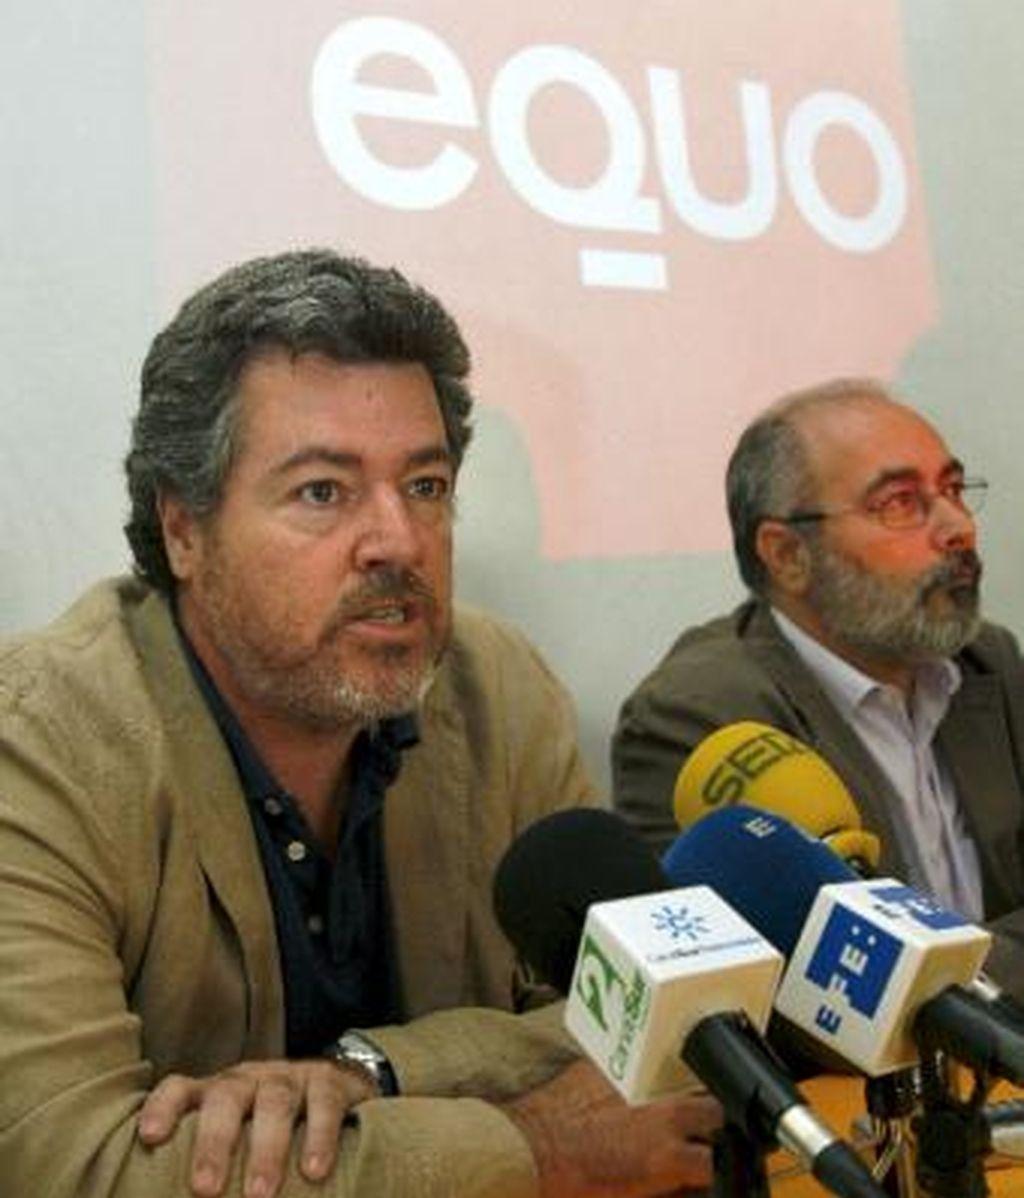 Juan López de Uralde, líder del partido ecologista Equo que aspira a presentarse en las próximas elecciones generales del 20 de noviembre.